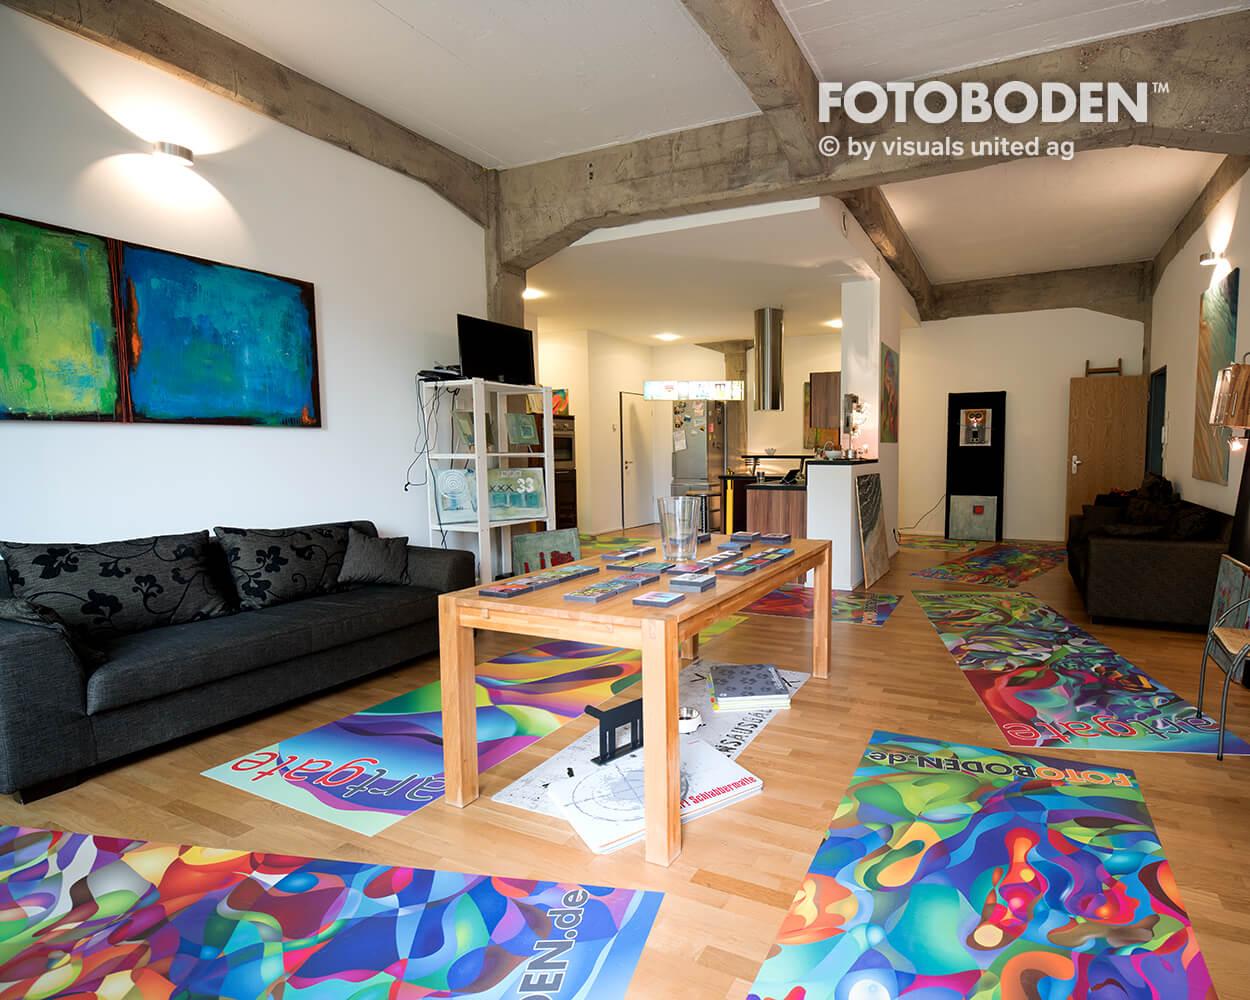 Ausstellung Teppich selbst gestalten Fotoboden